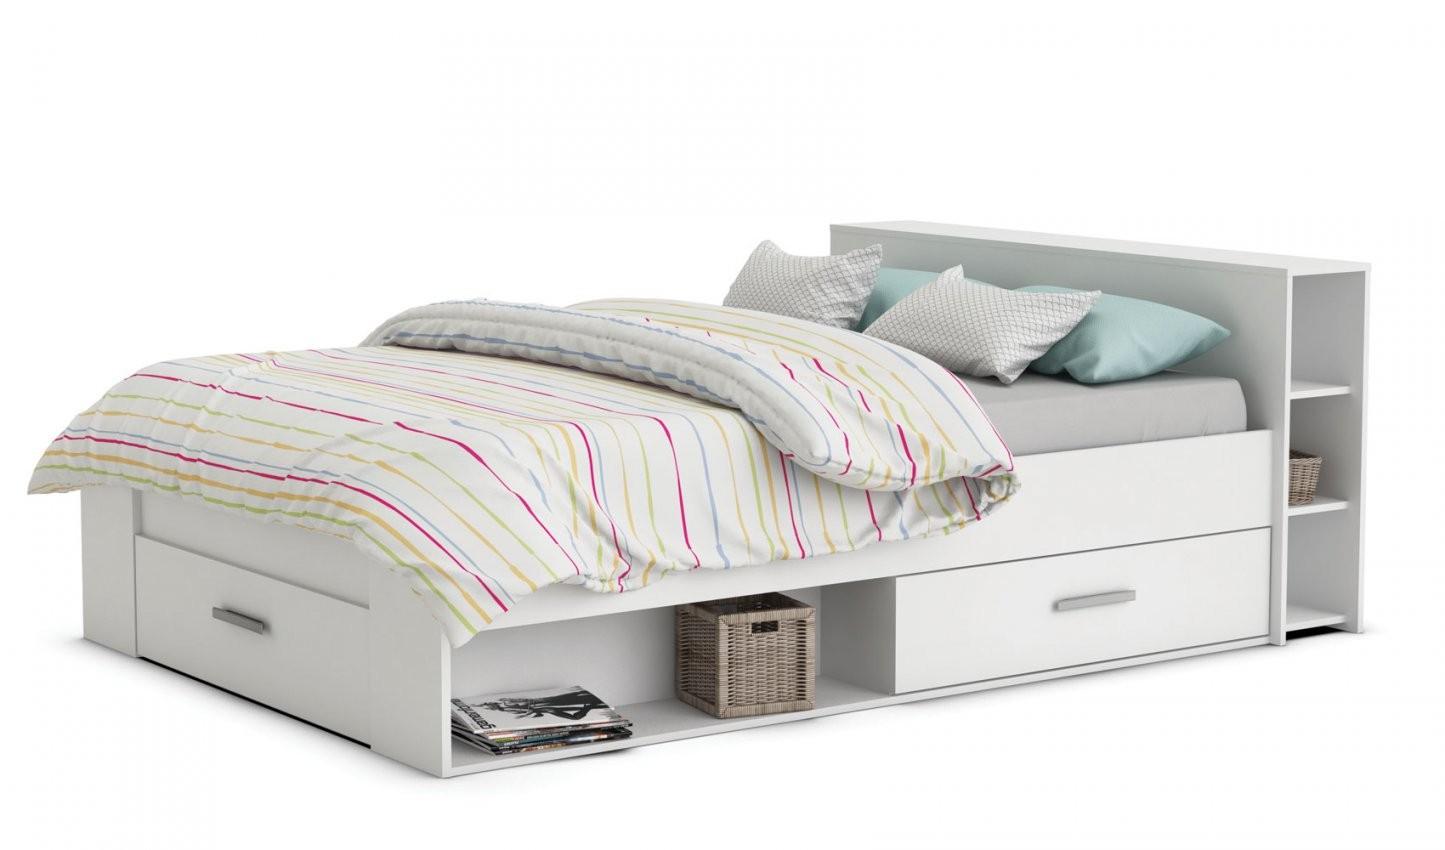 Bett 140X200 Mit Stauraum Furchterregend Auf Kreative Deko Ideen Für von Bett 140X200 Mit Stauraum Bild